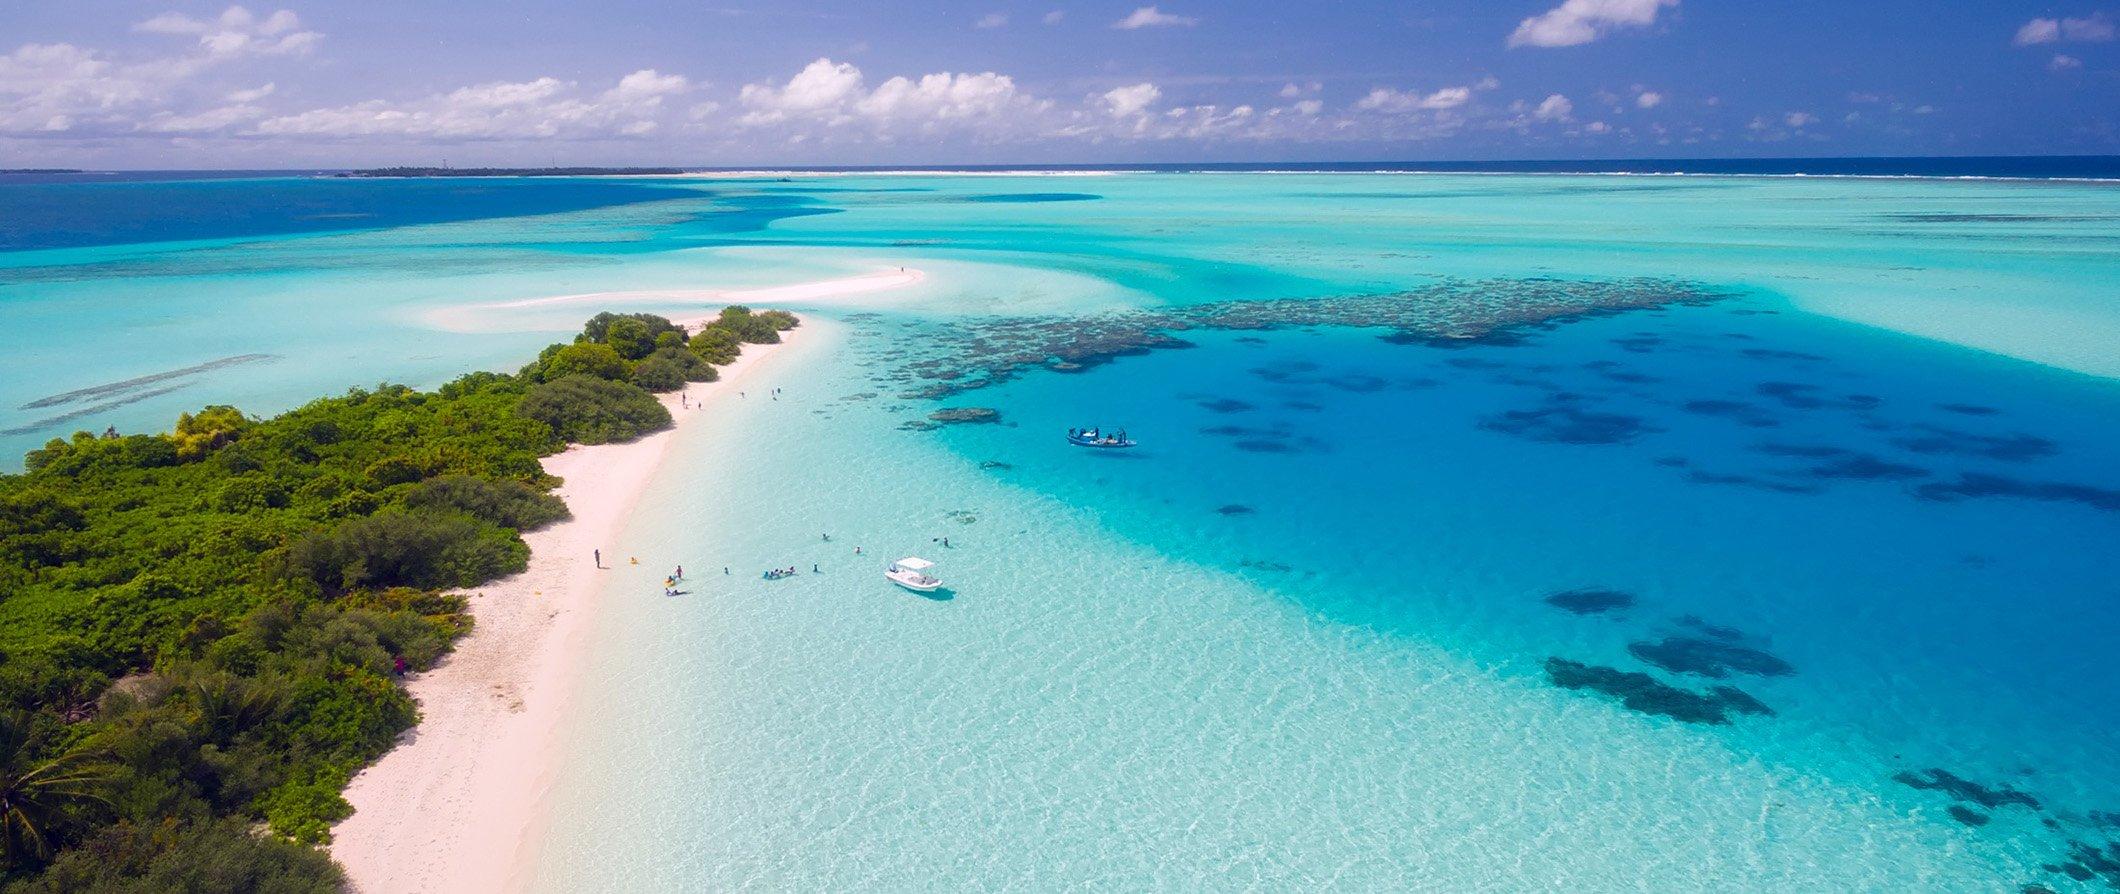 اجمل شاطئ في العالم 17